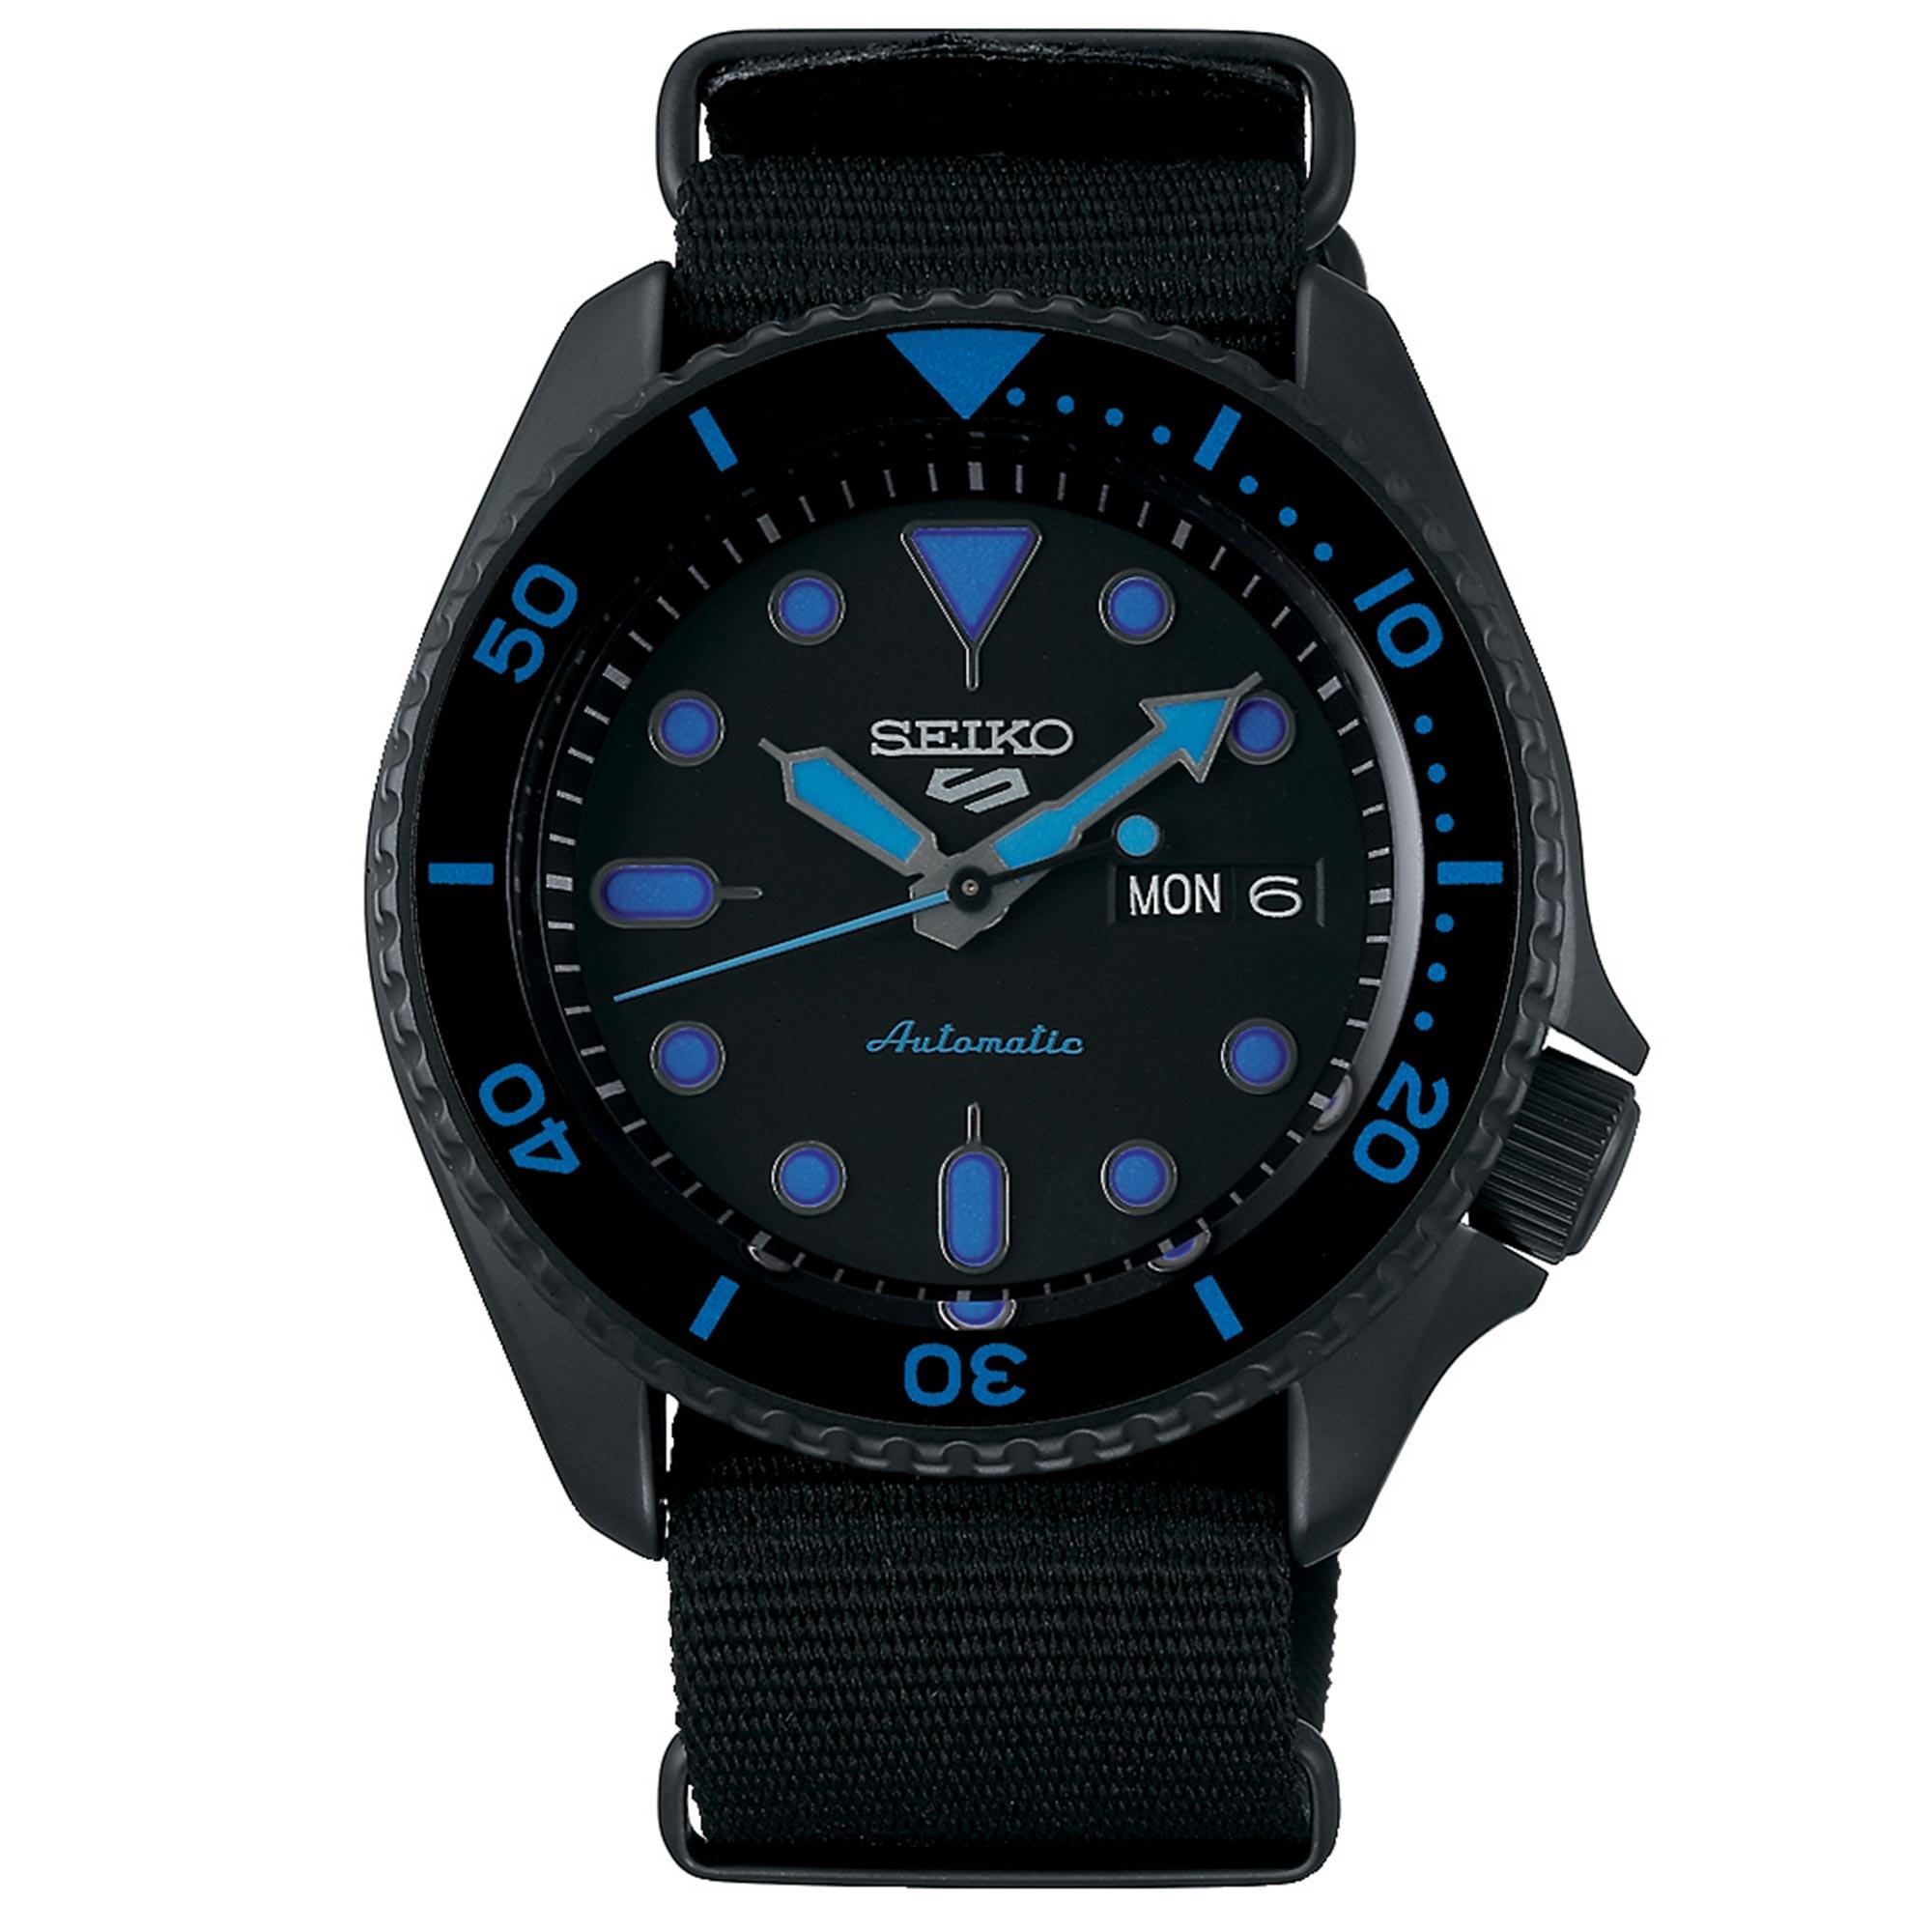 Seiko 5 Sports Automatic Black Dial Nylon Strap Men's Watch SRPD81K1